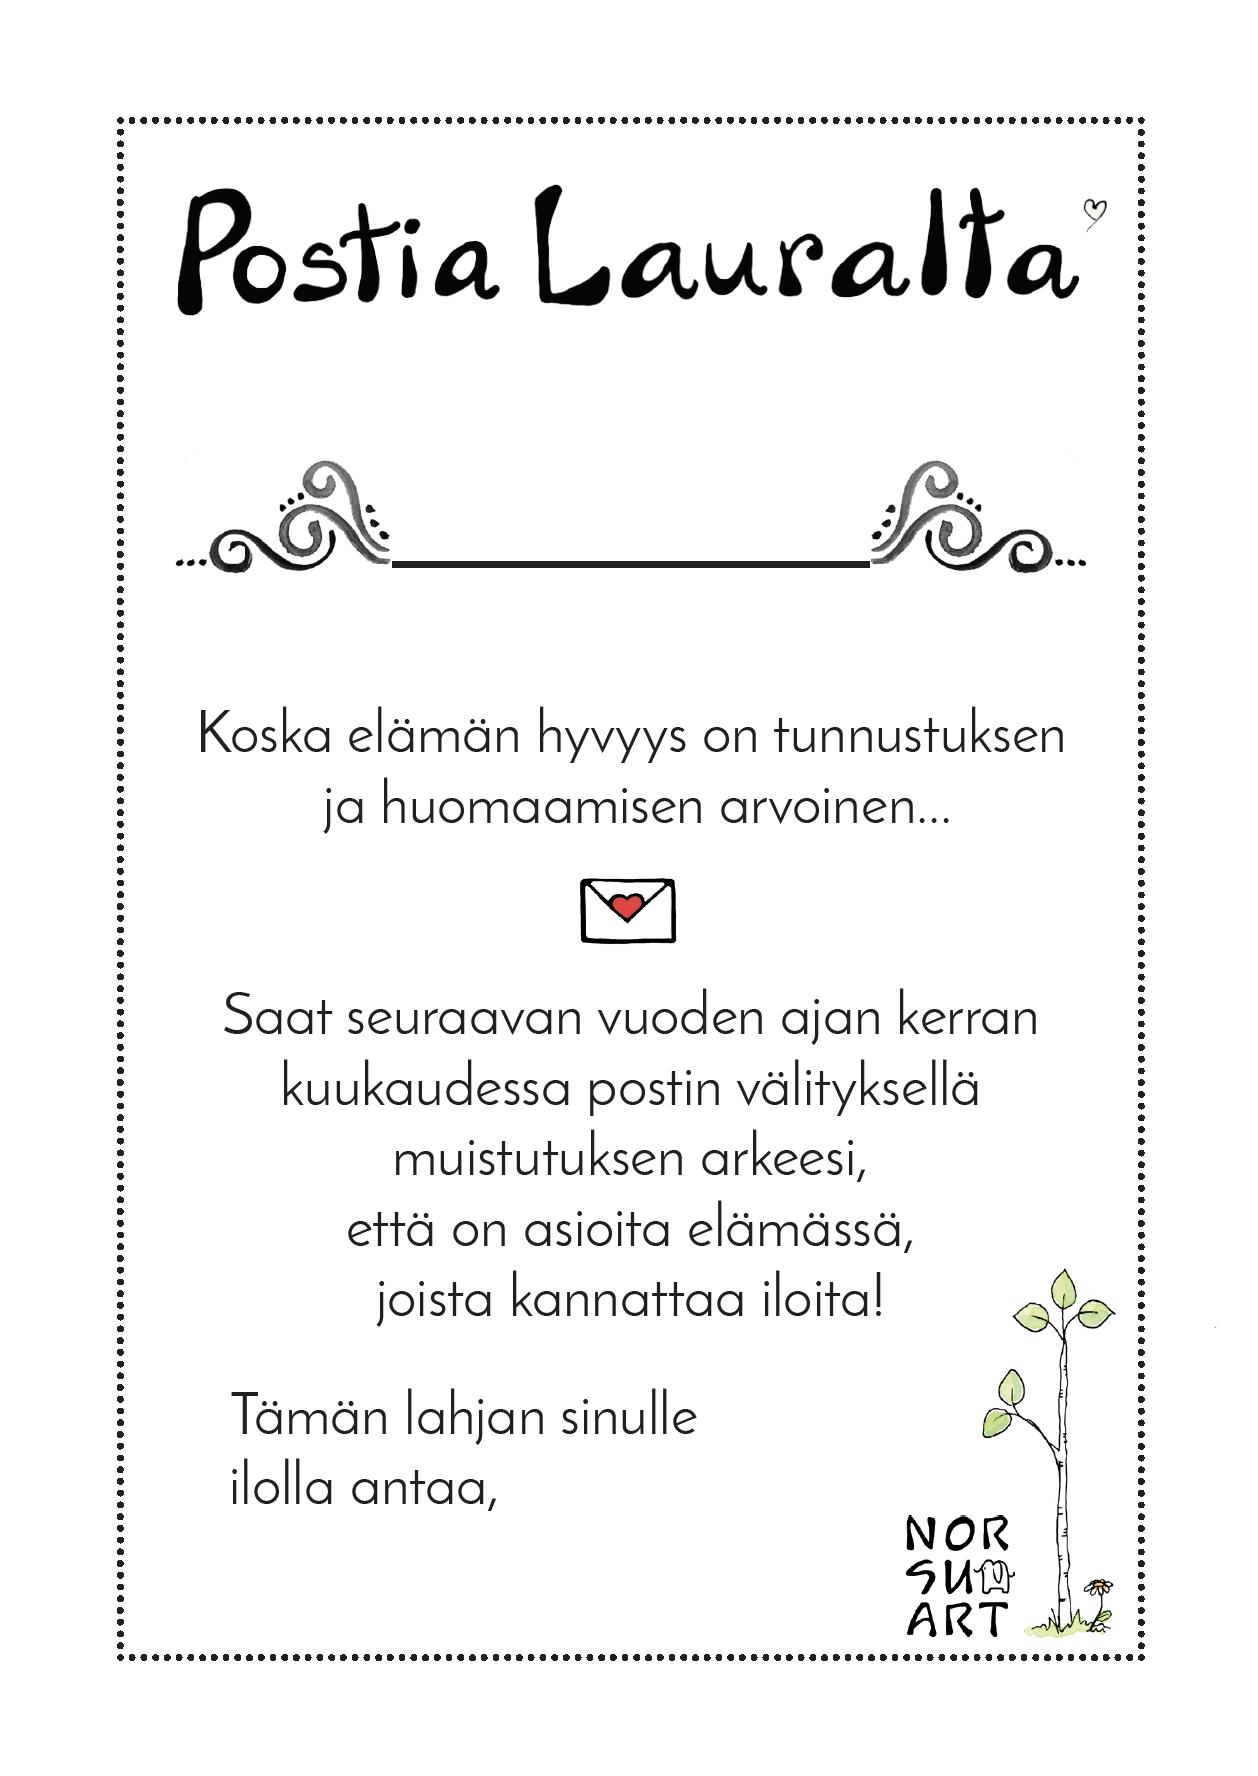 Jos tilaat lahjaksi ystävälle, saat tämän tulostettavan kupongin sähköpostitse, jotta voit selittää, miksi Lauralta alkaa tulemaan postia! - Se on vaan niin kiva saada postia!